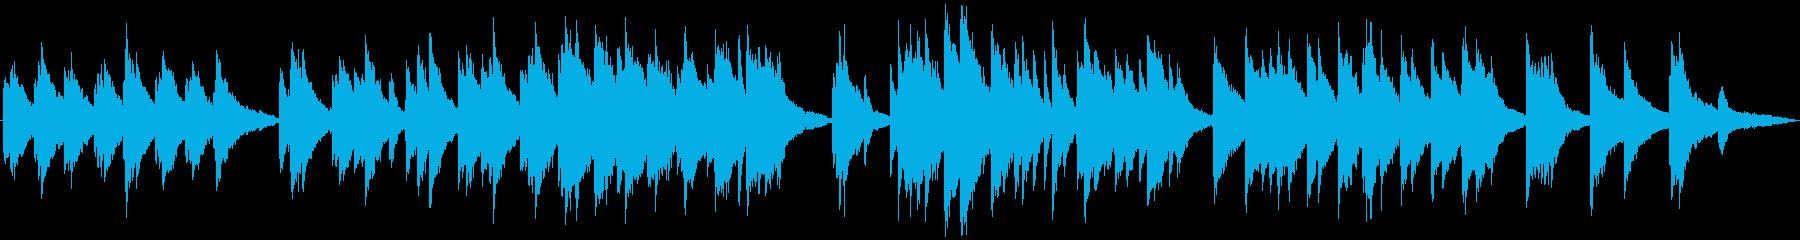 ピアノ生演奏/希望・朝日・静か・キラキラの再生済みの波形